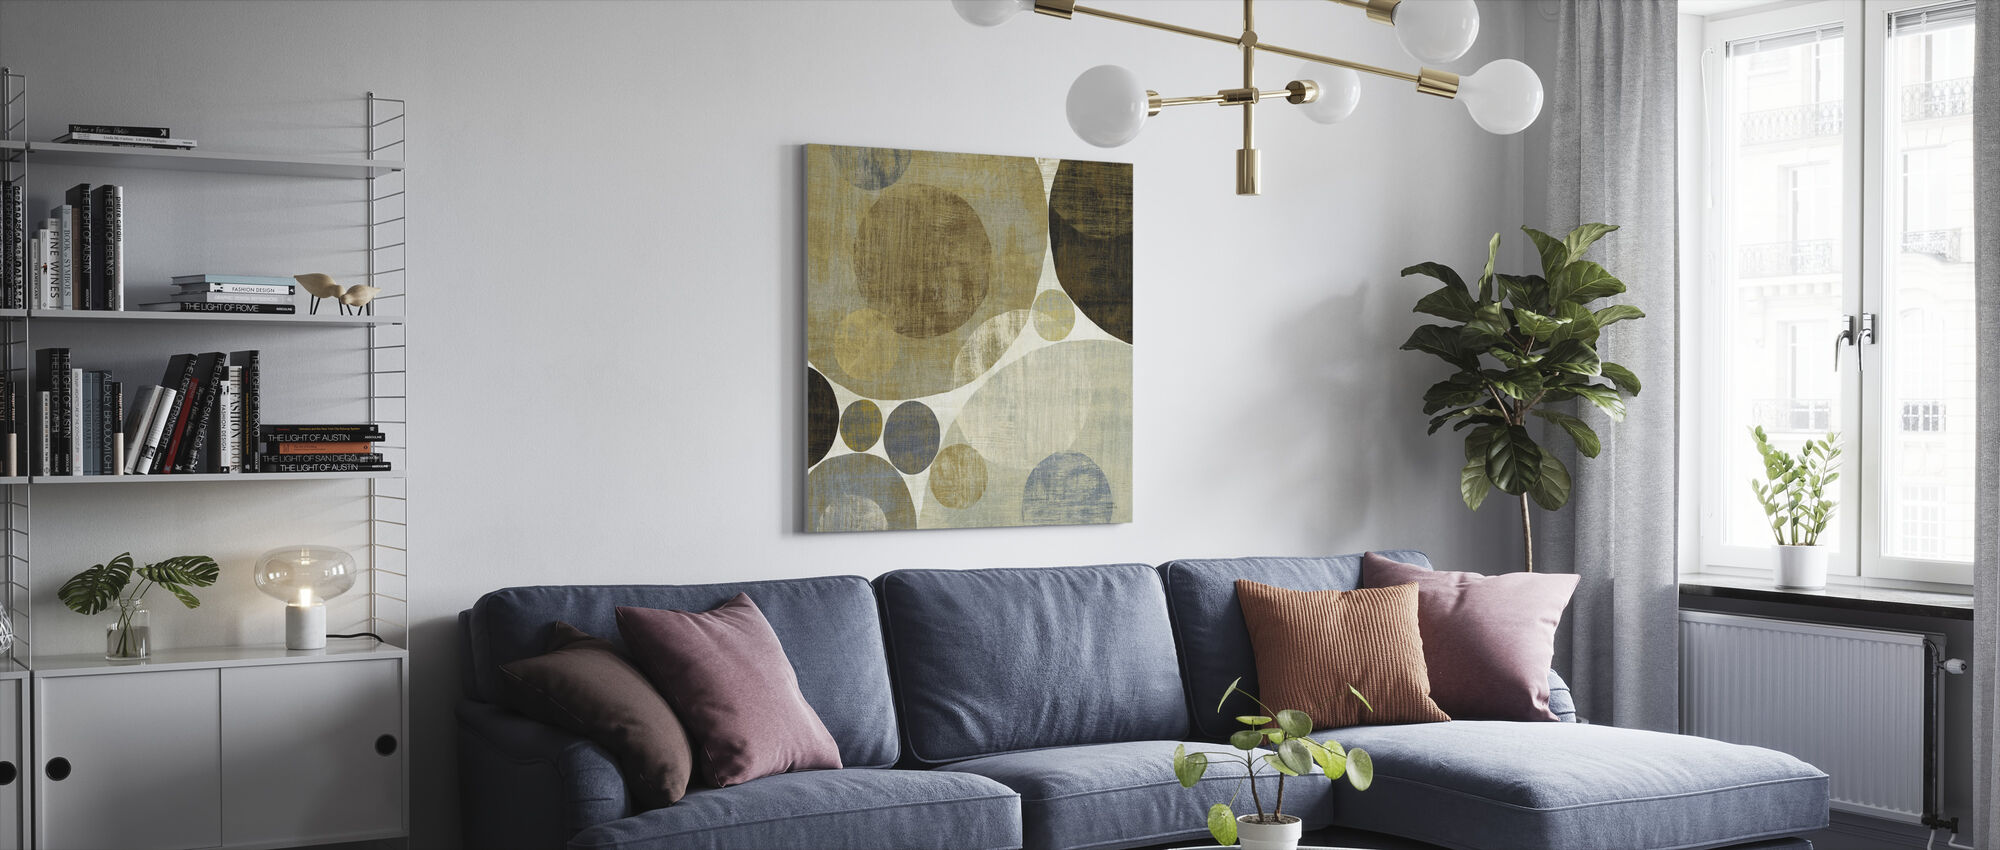 Circulation I - Canvas print - Living Room